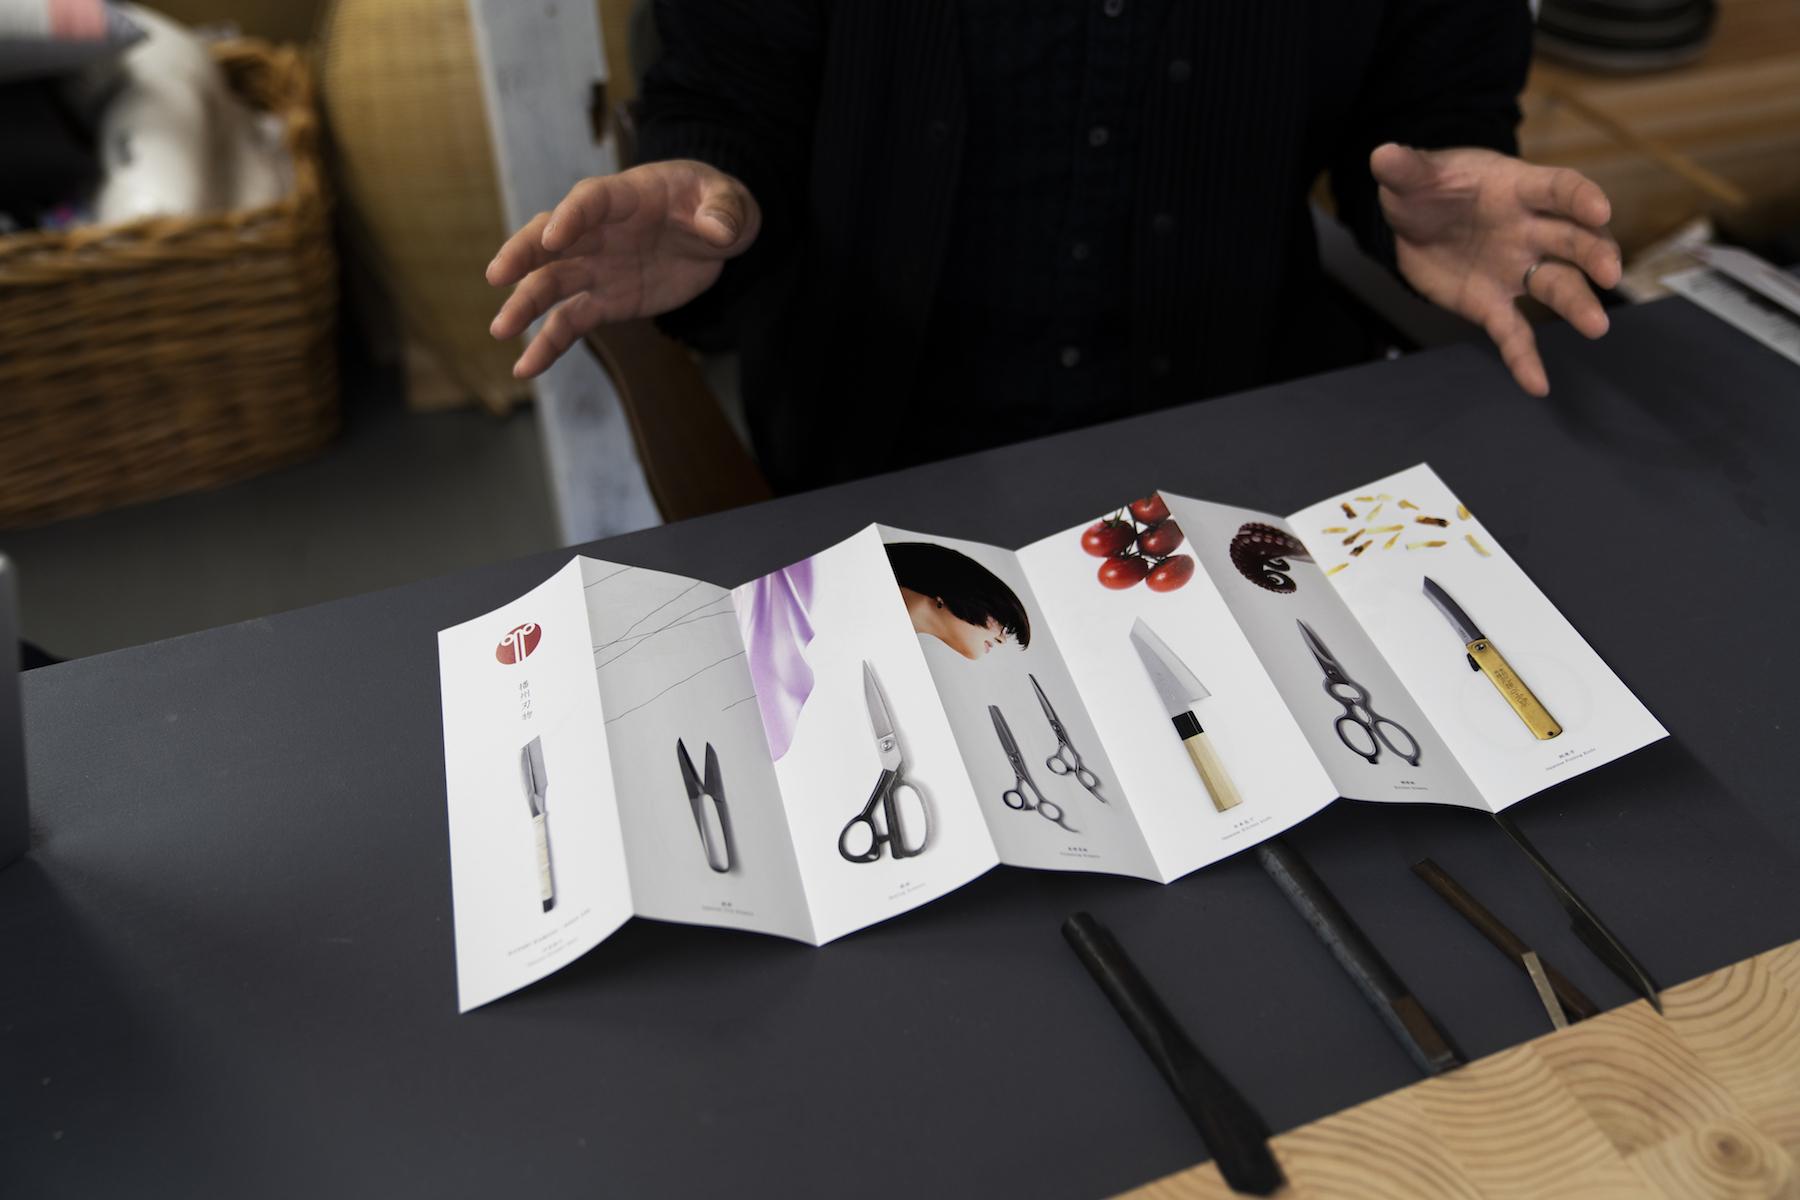 小林氏が最初に手がけた播州刃物のブランドイメージ